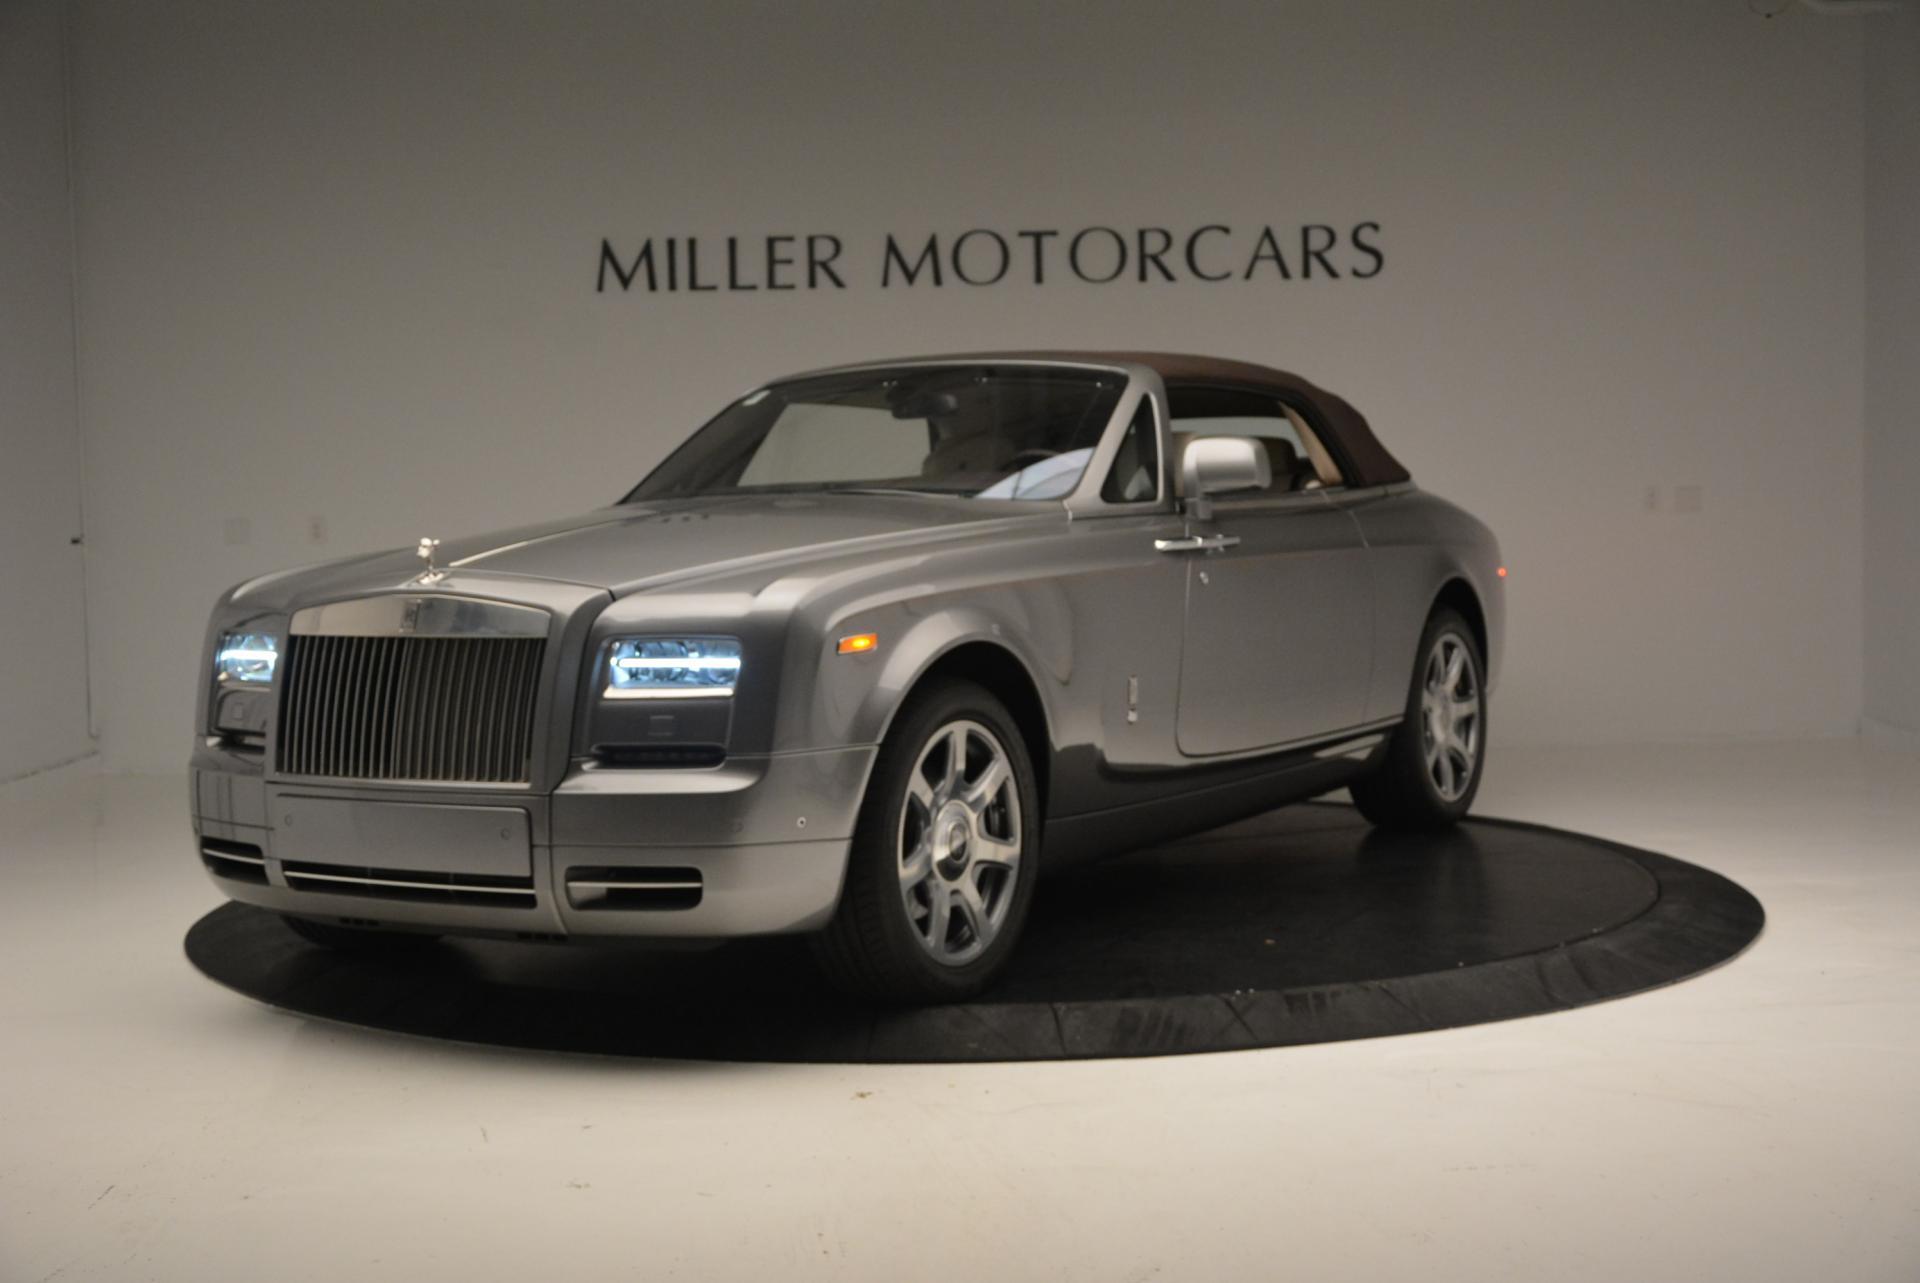 Used 2015 Rolls-Royce Phantom Drophead Coupe  For Sale In Westport, CT 554_p14